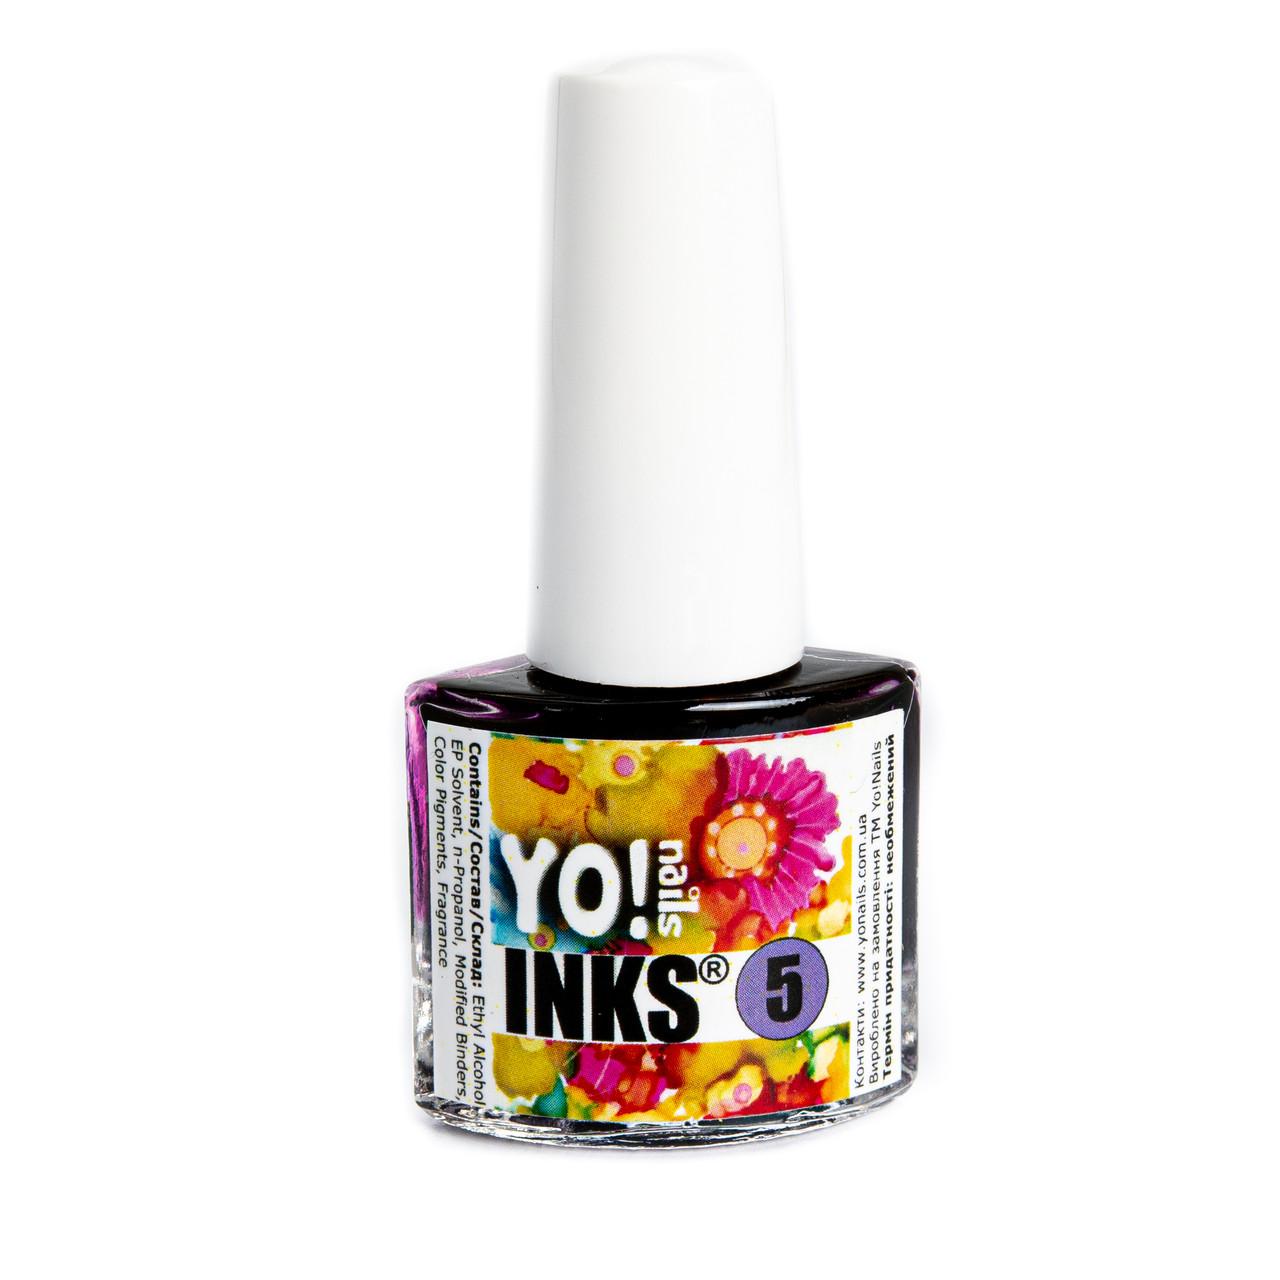 Акварельные чернила Yo!Nails INKS 5 (фиолетовый цвет)